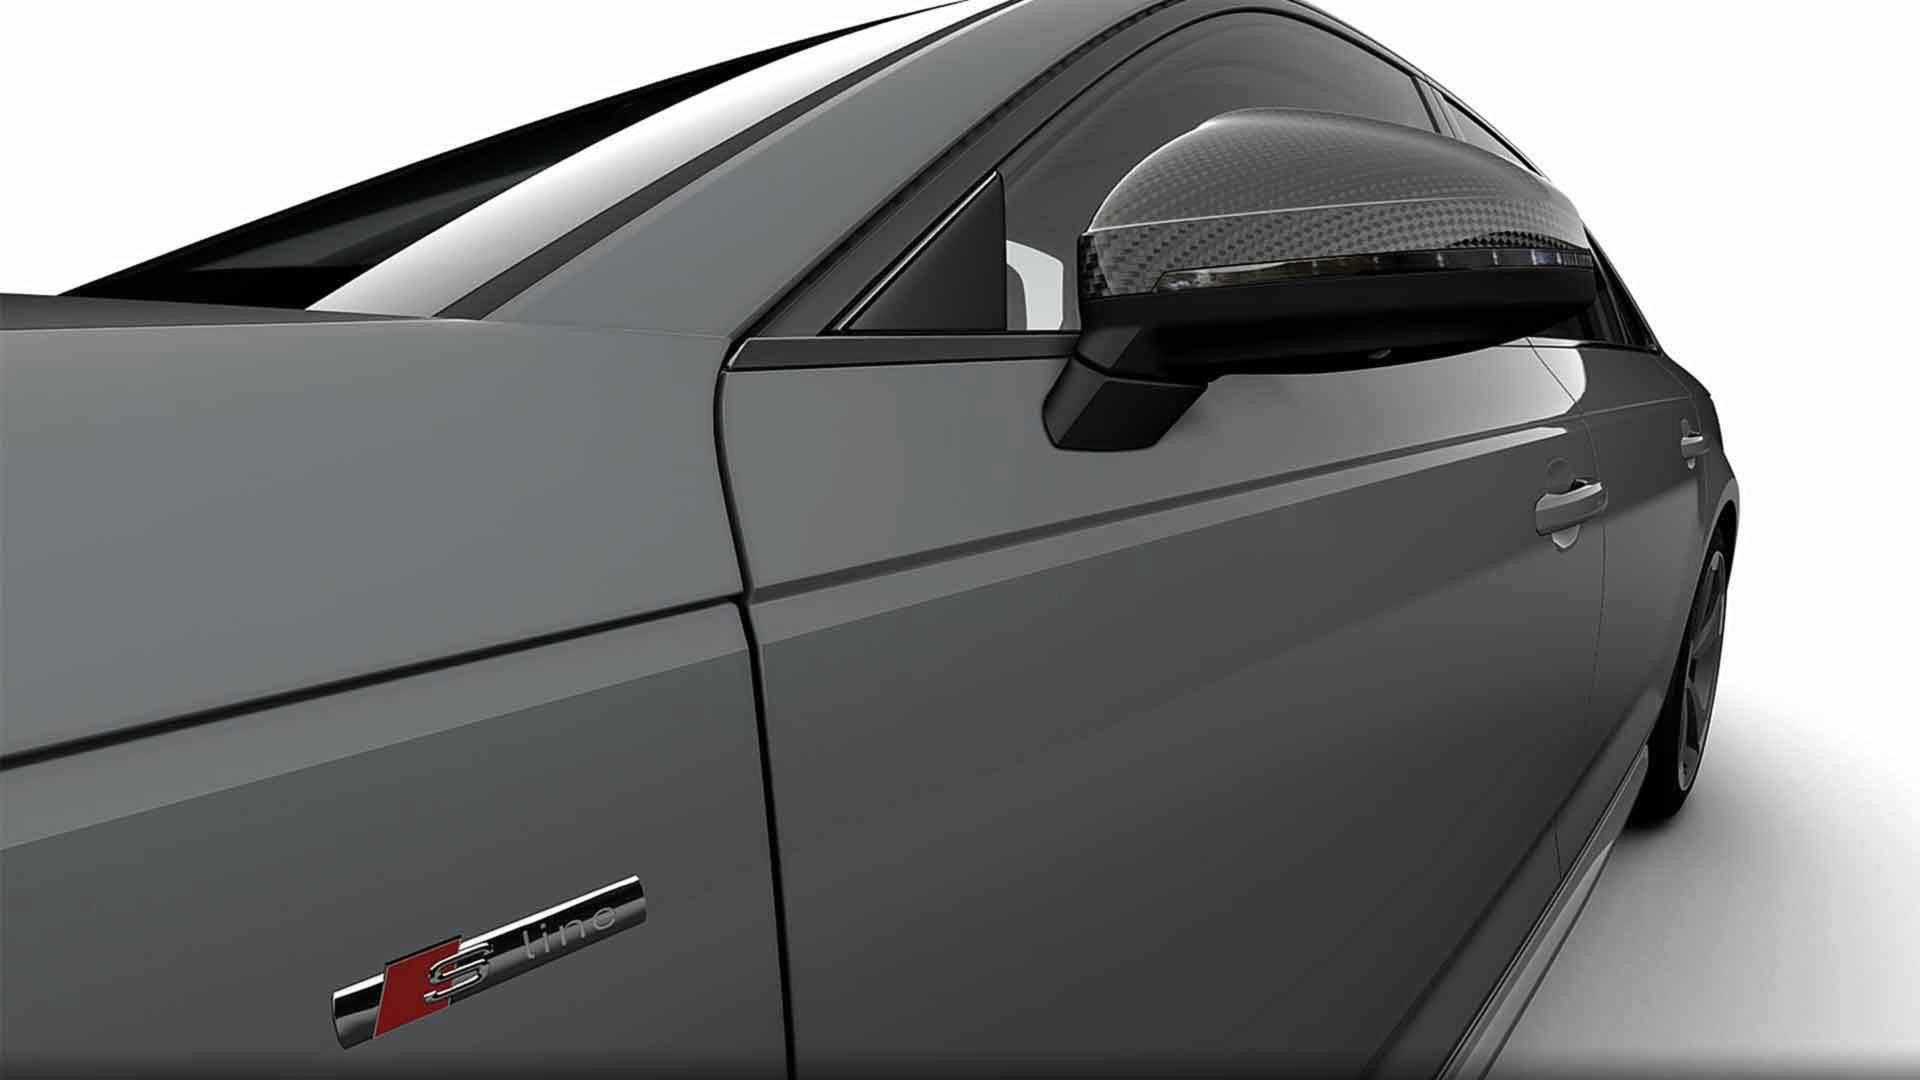 Ауди выпустит 40 «прощальных» седанов Ауди A4 с МКПП